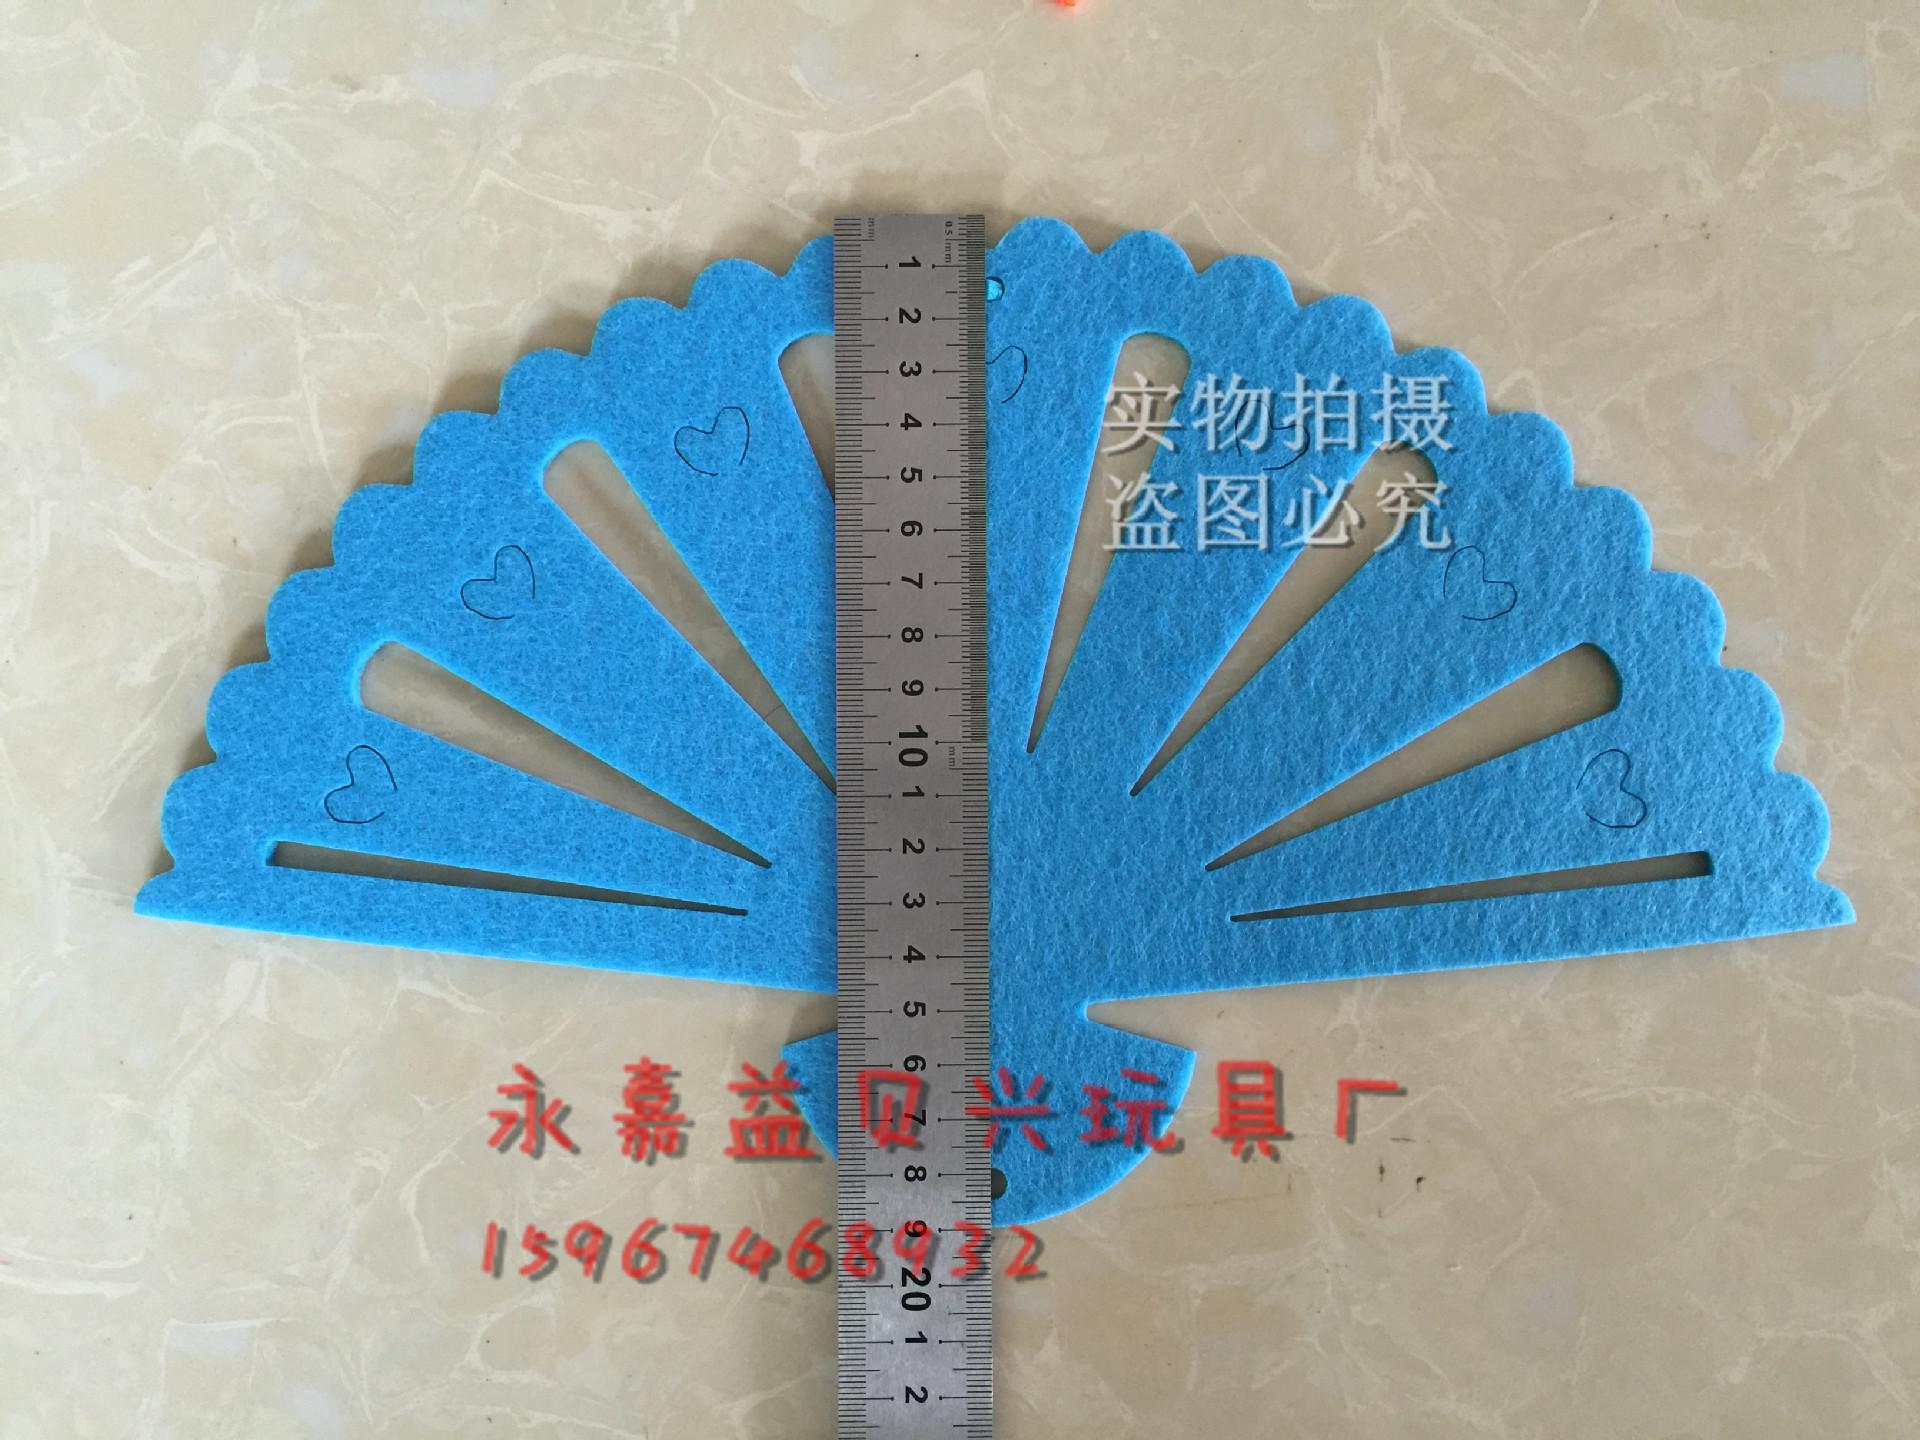 无纺布扇子吊饰幼儿园走廊创意空中挂饰室内布置 悬挂 中国风示例图4